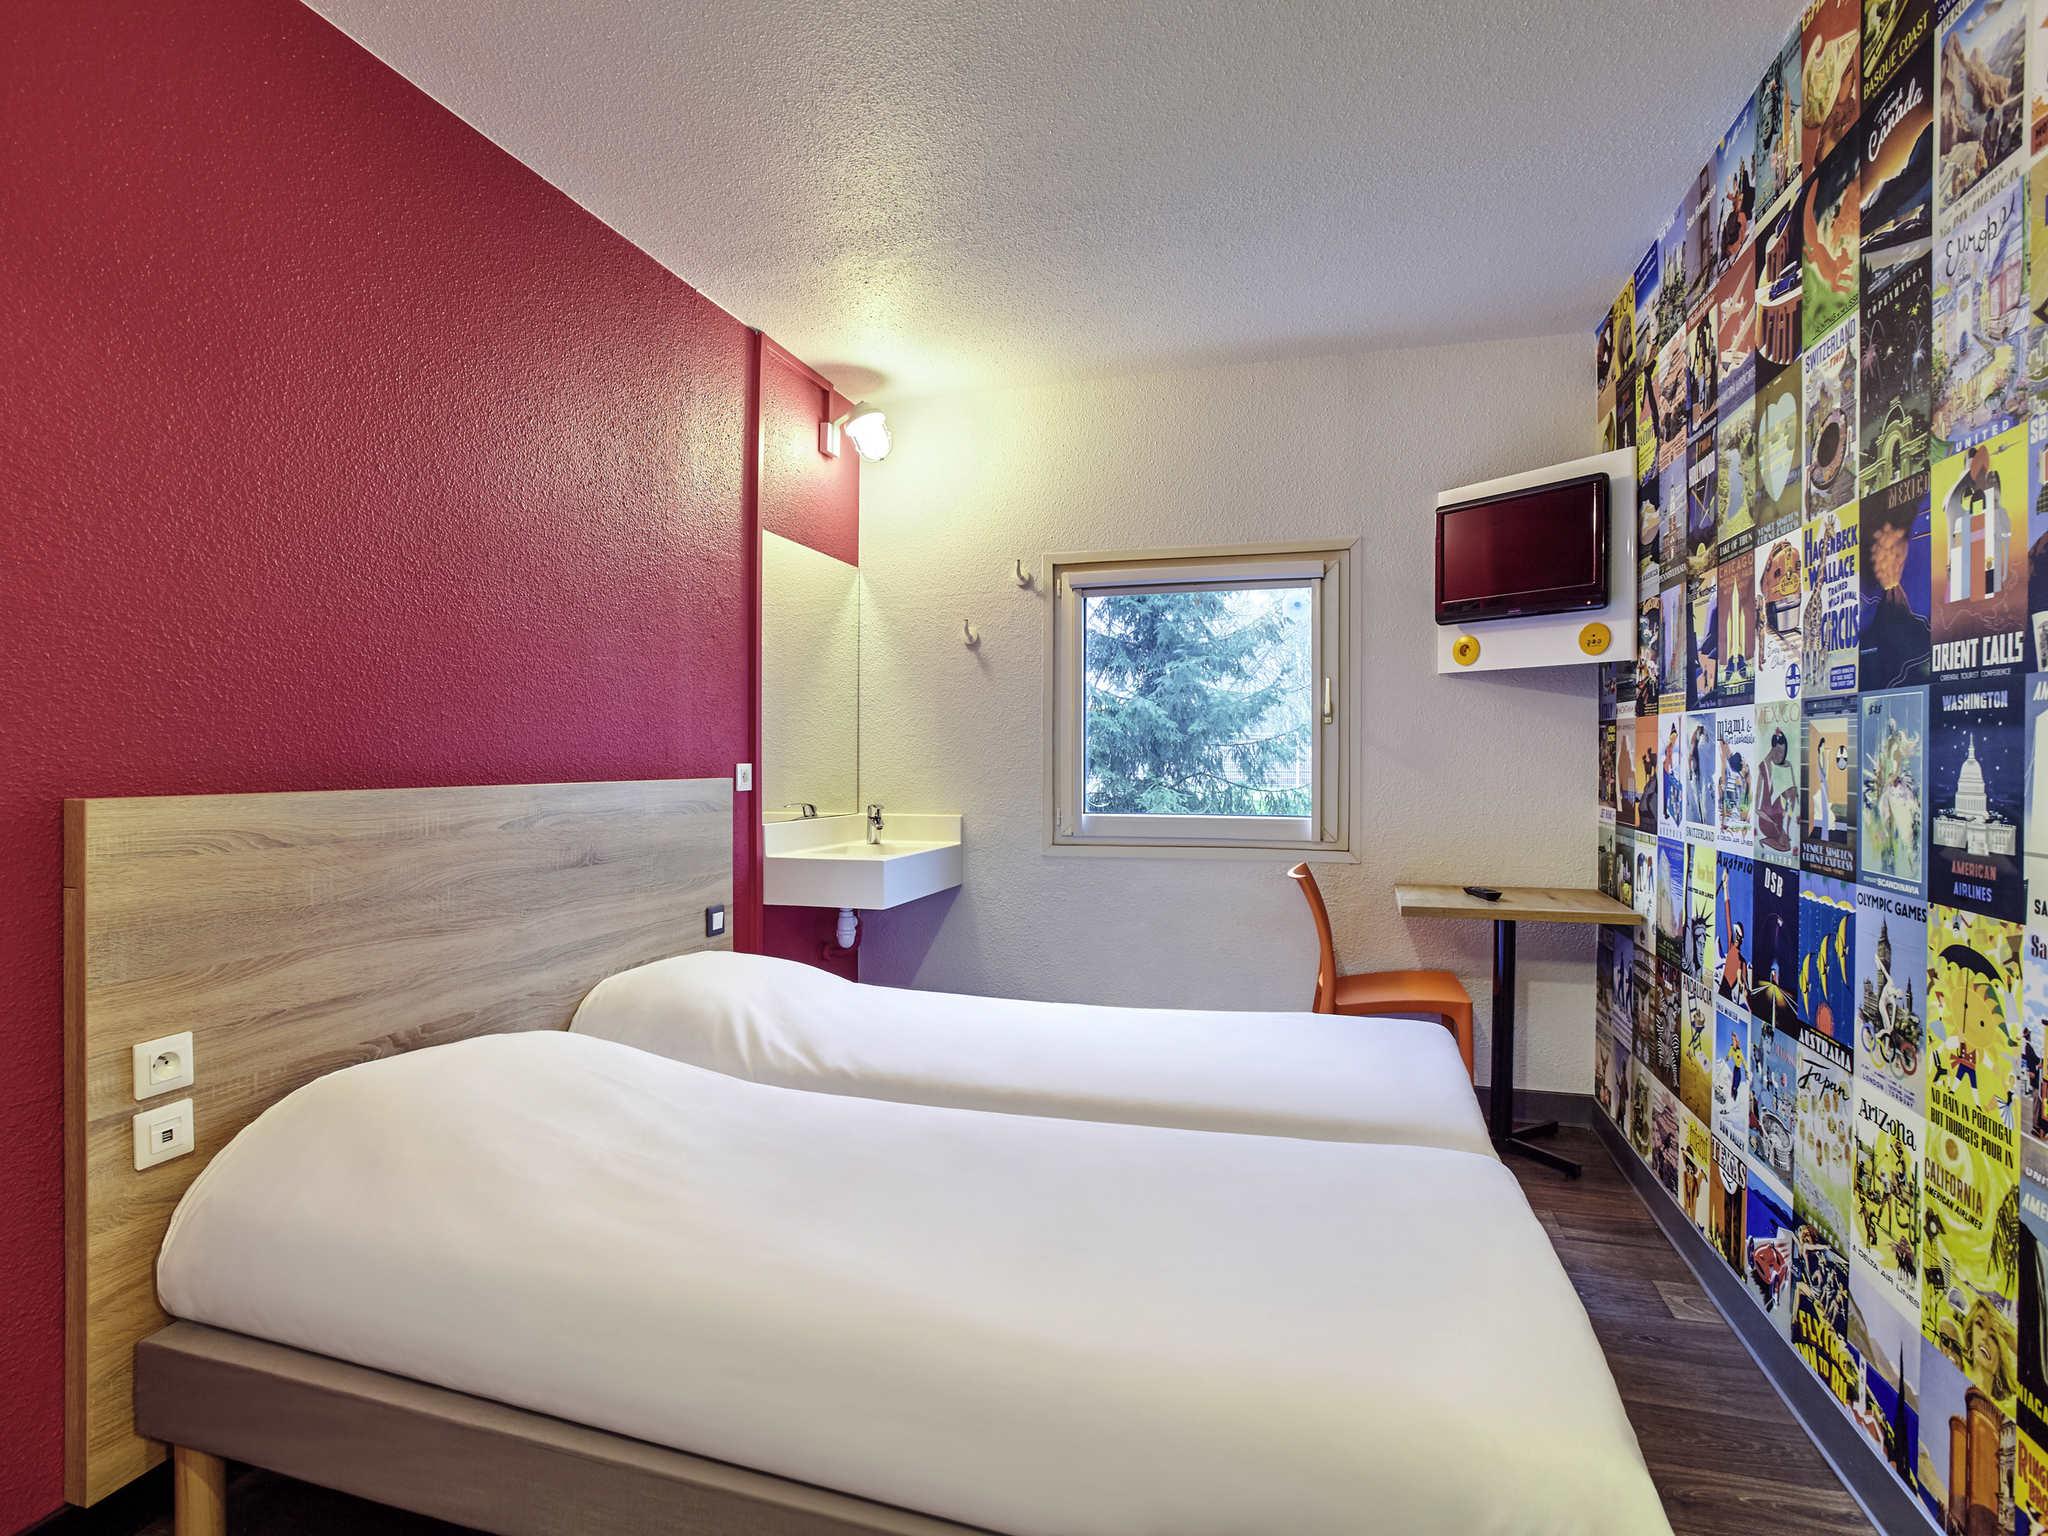 ホテル – hotelF1 Brétigny-sur-Orge (rénové)